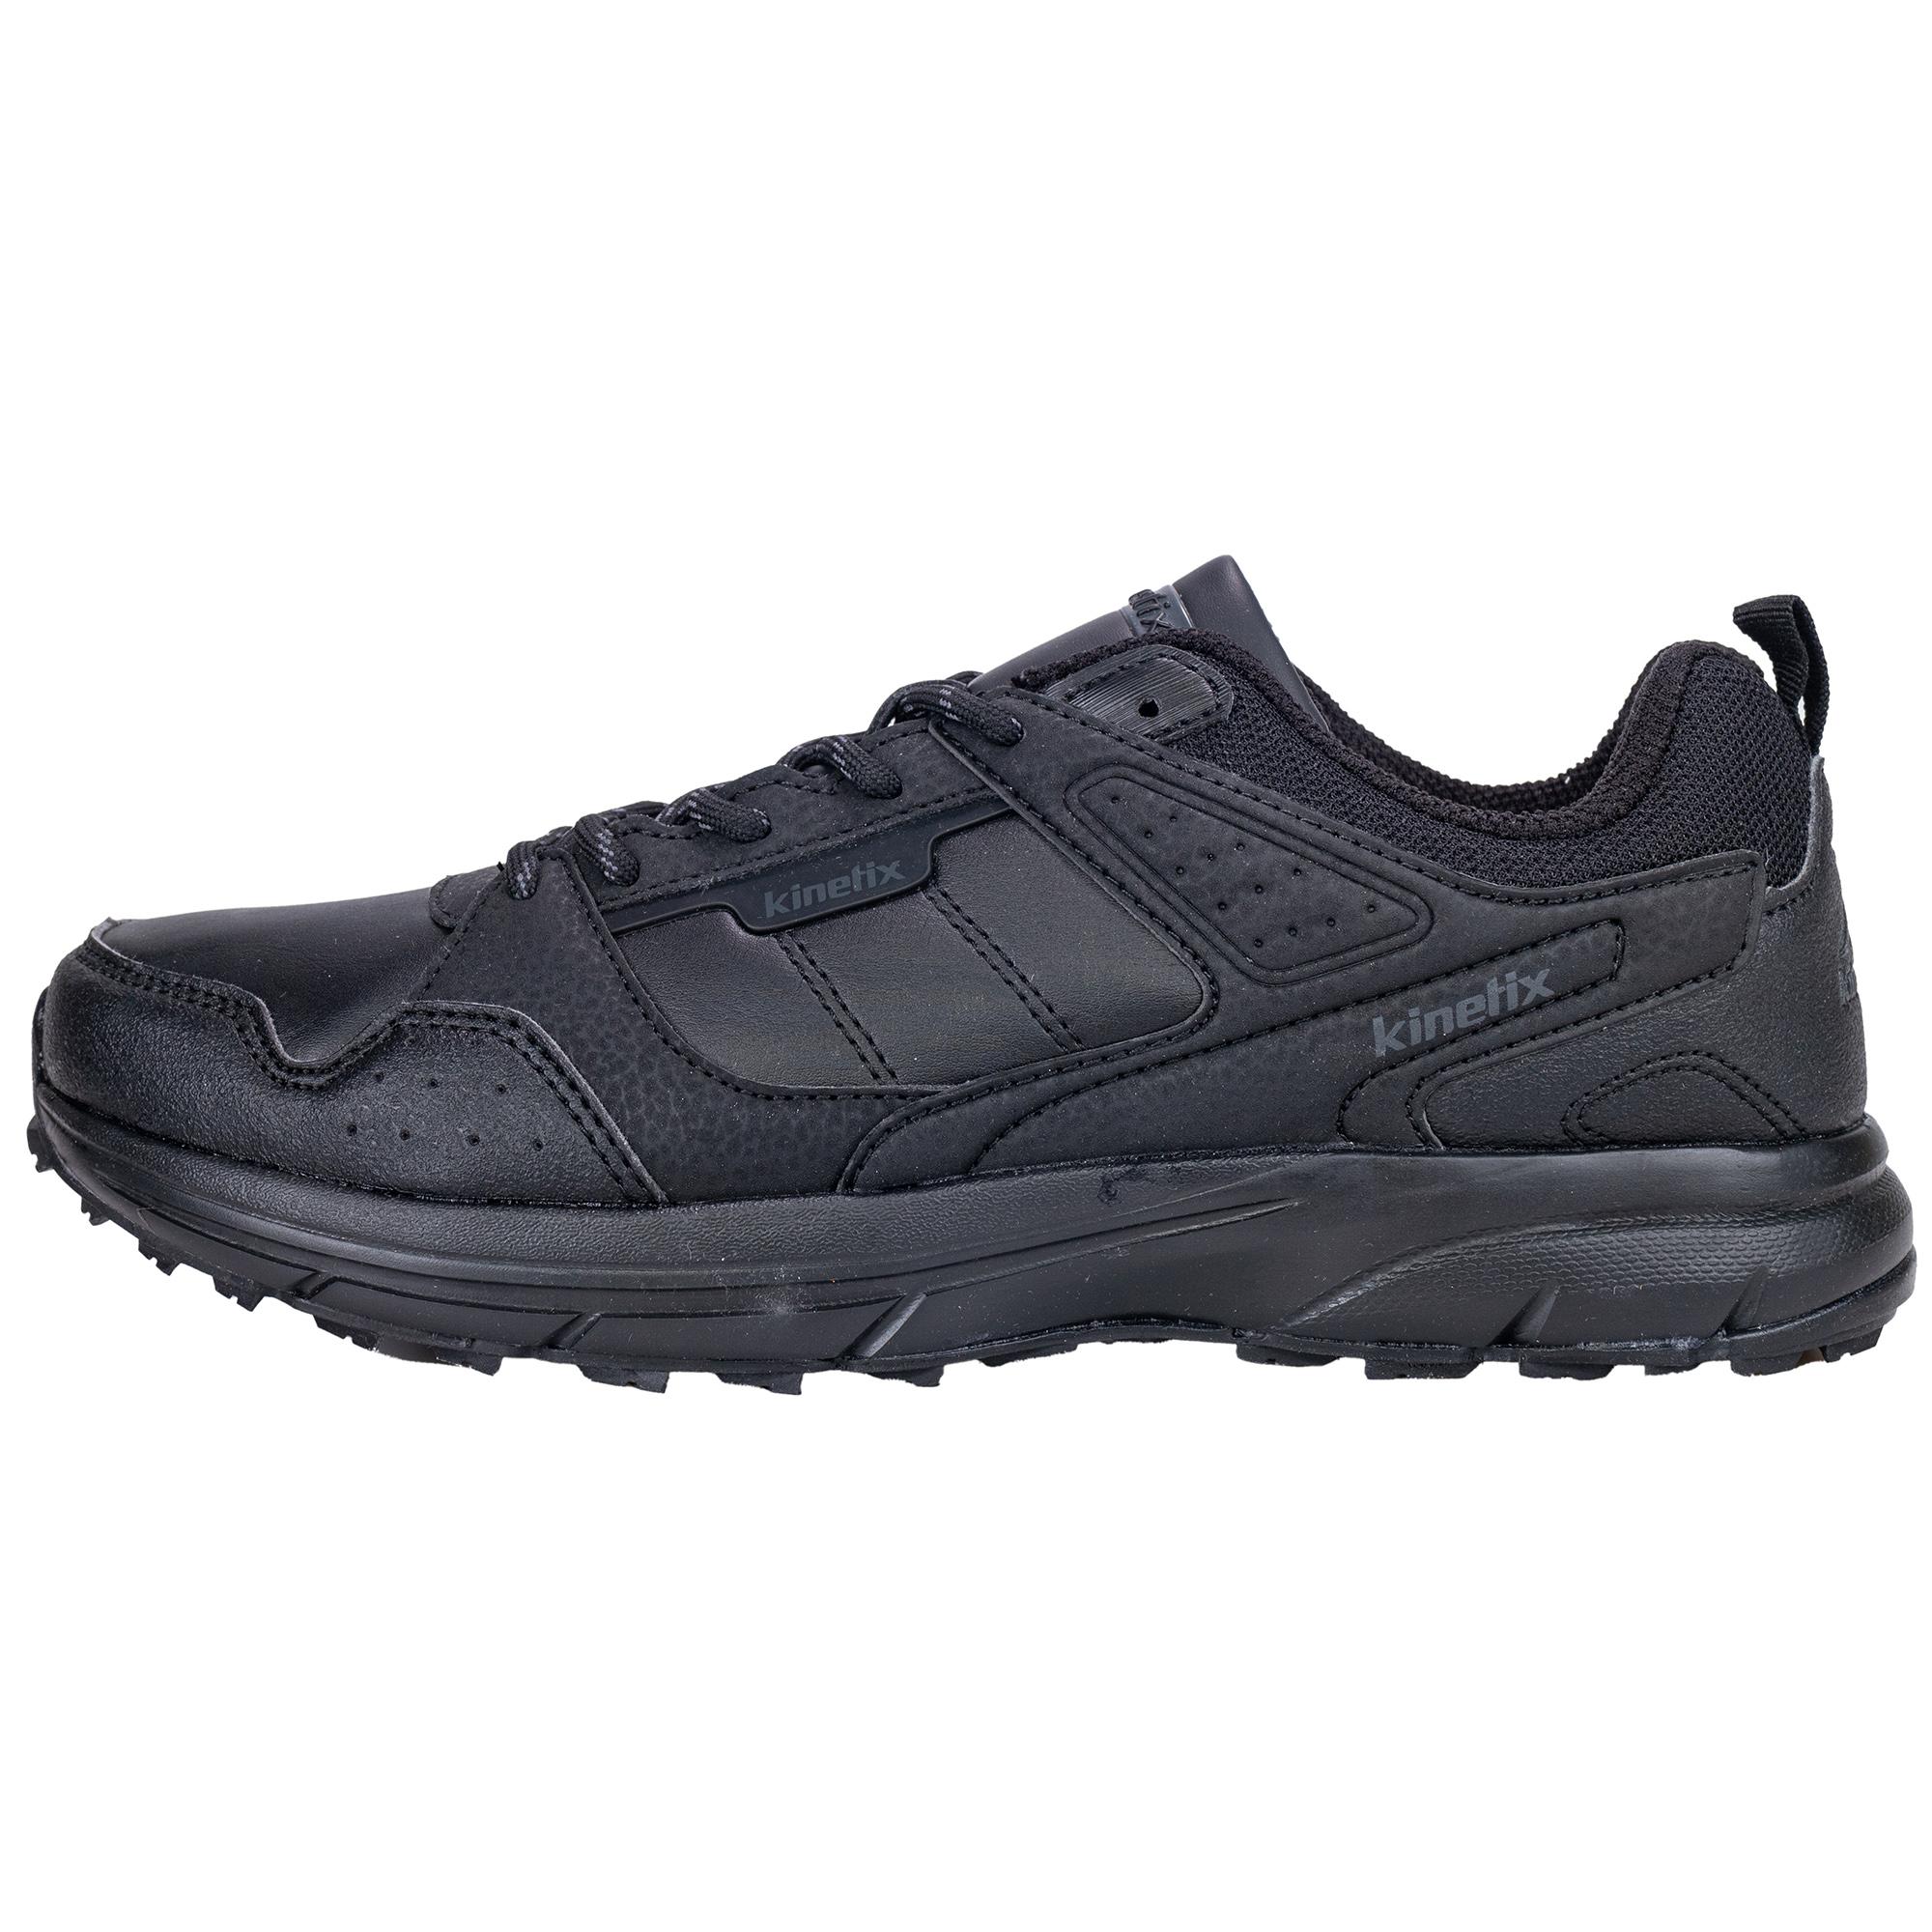 کفش پیاده روی مردانه کینتیکس مدل Hill pu